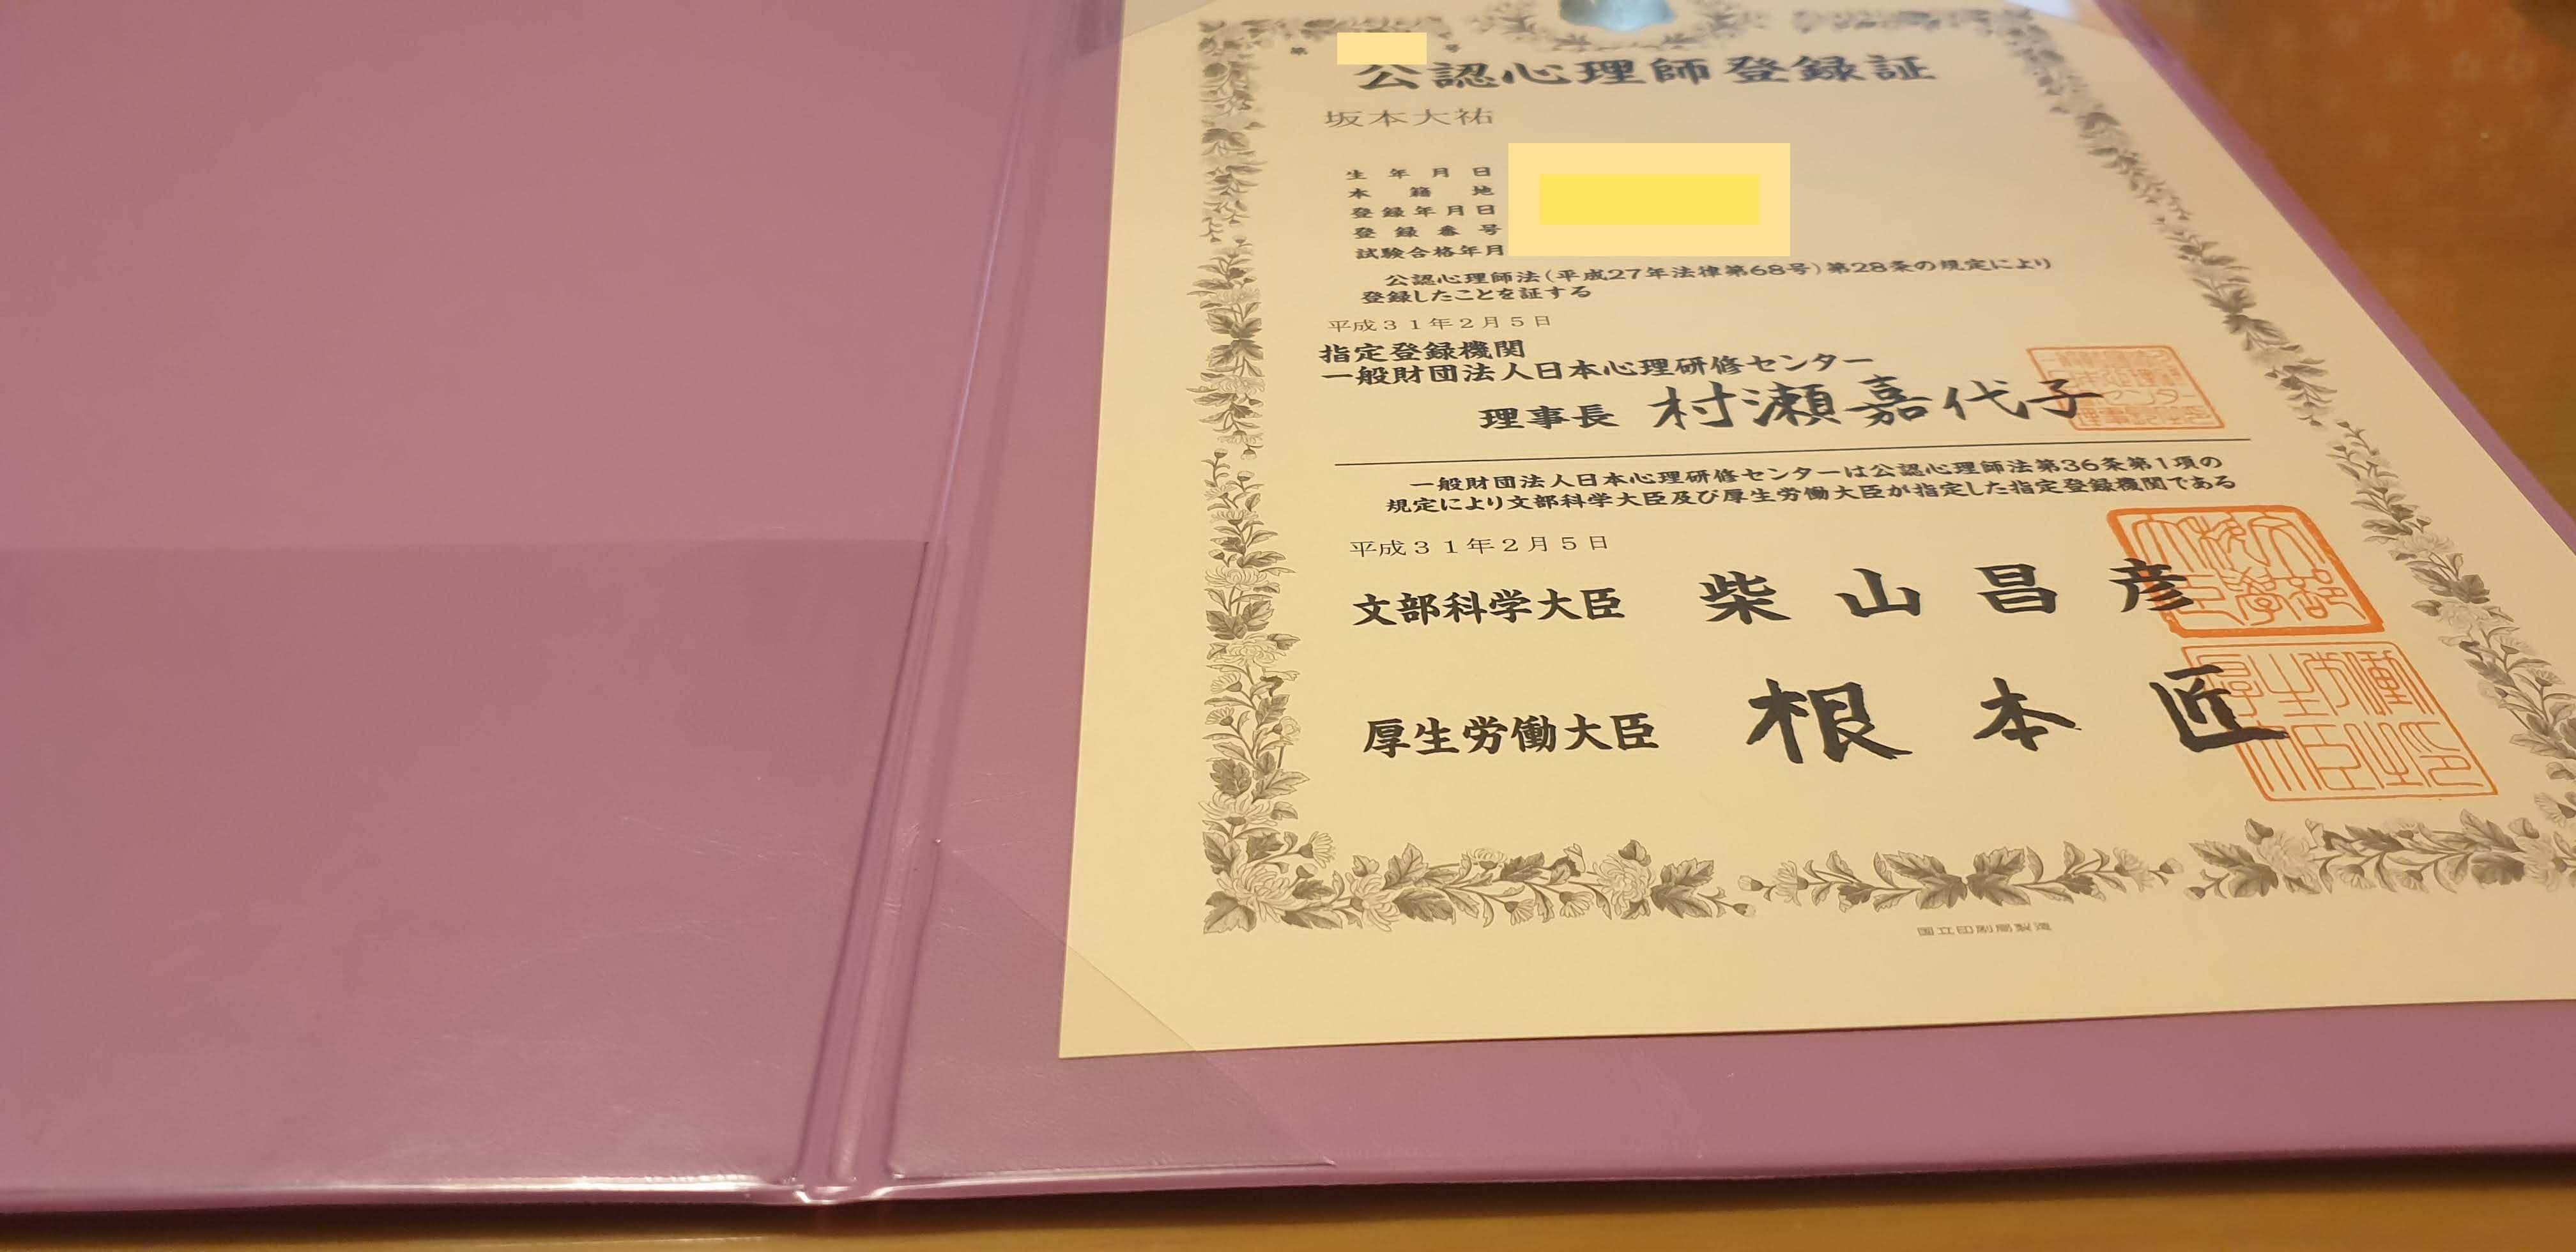 公認心理師の資格証が届きました。